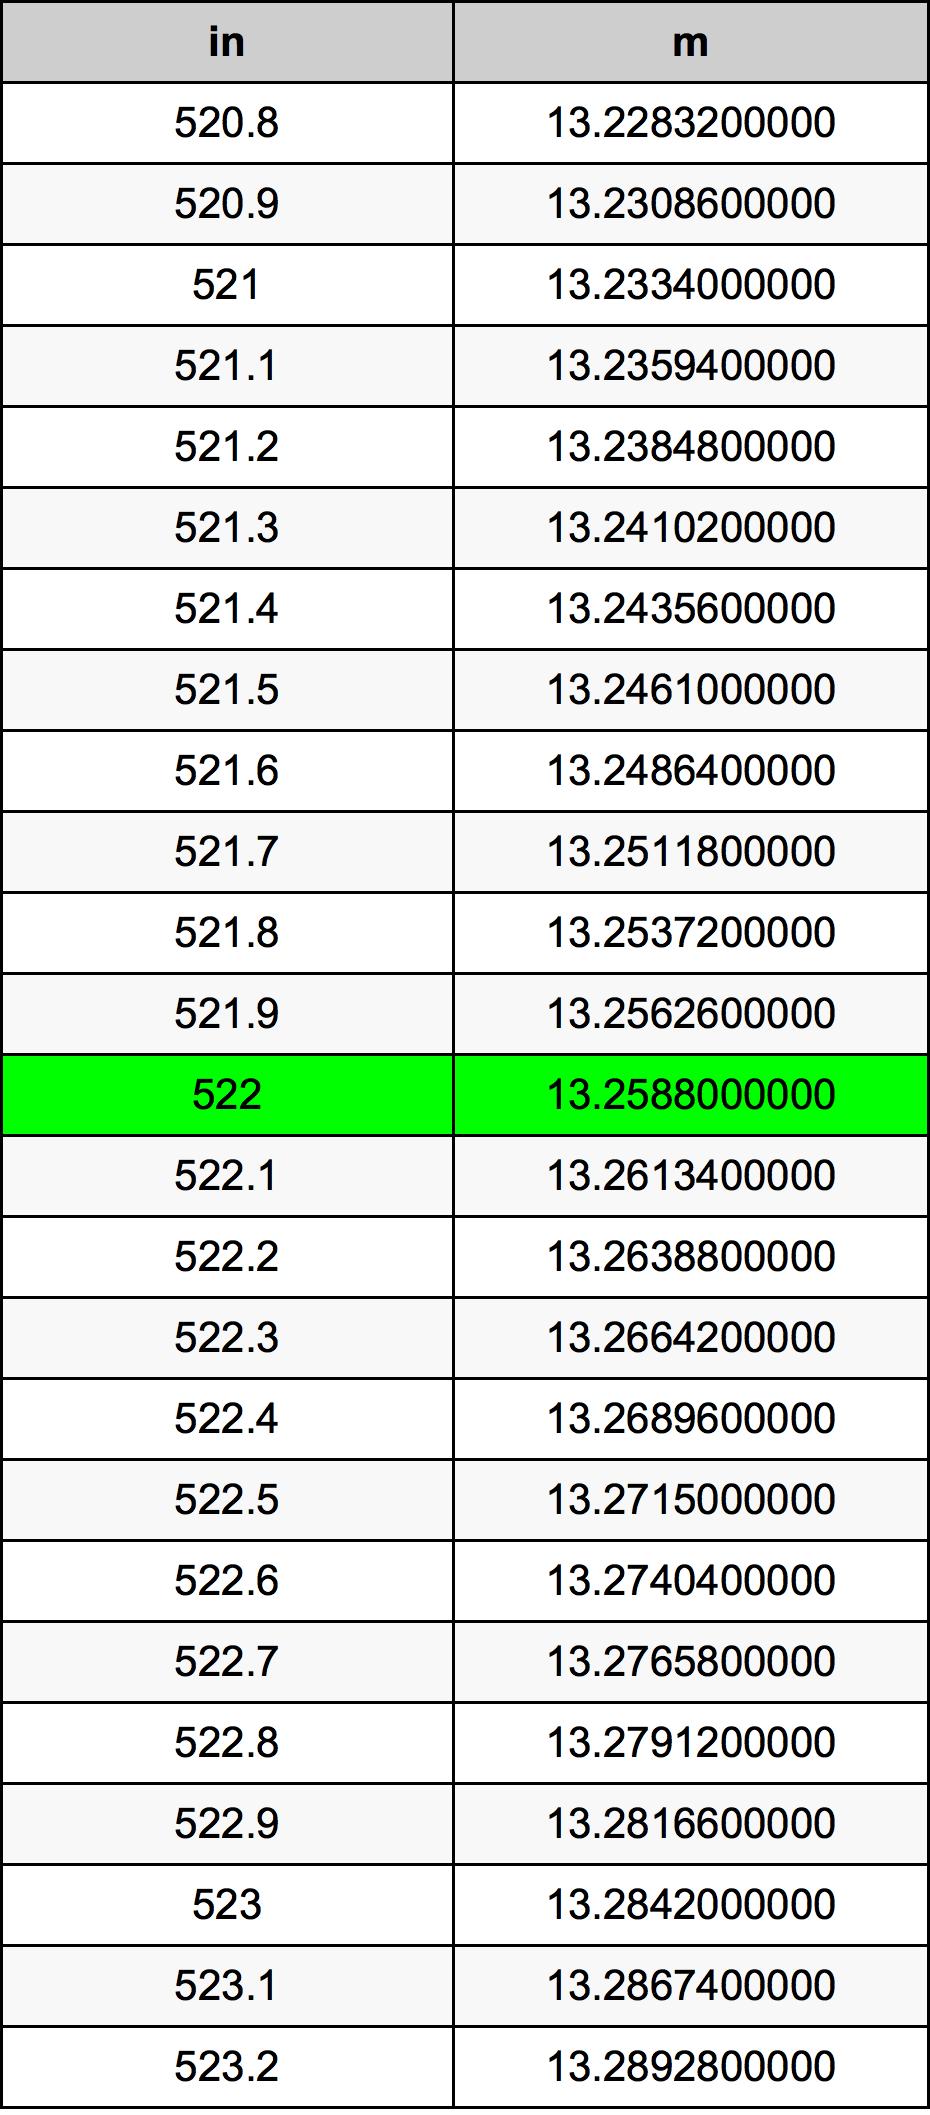 522 Polegada tabela de conversão